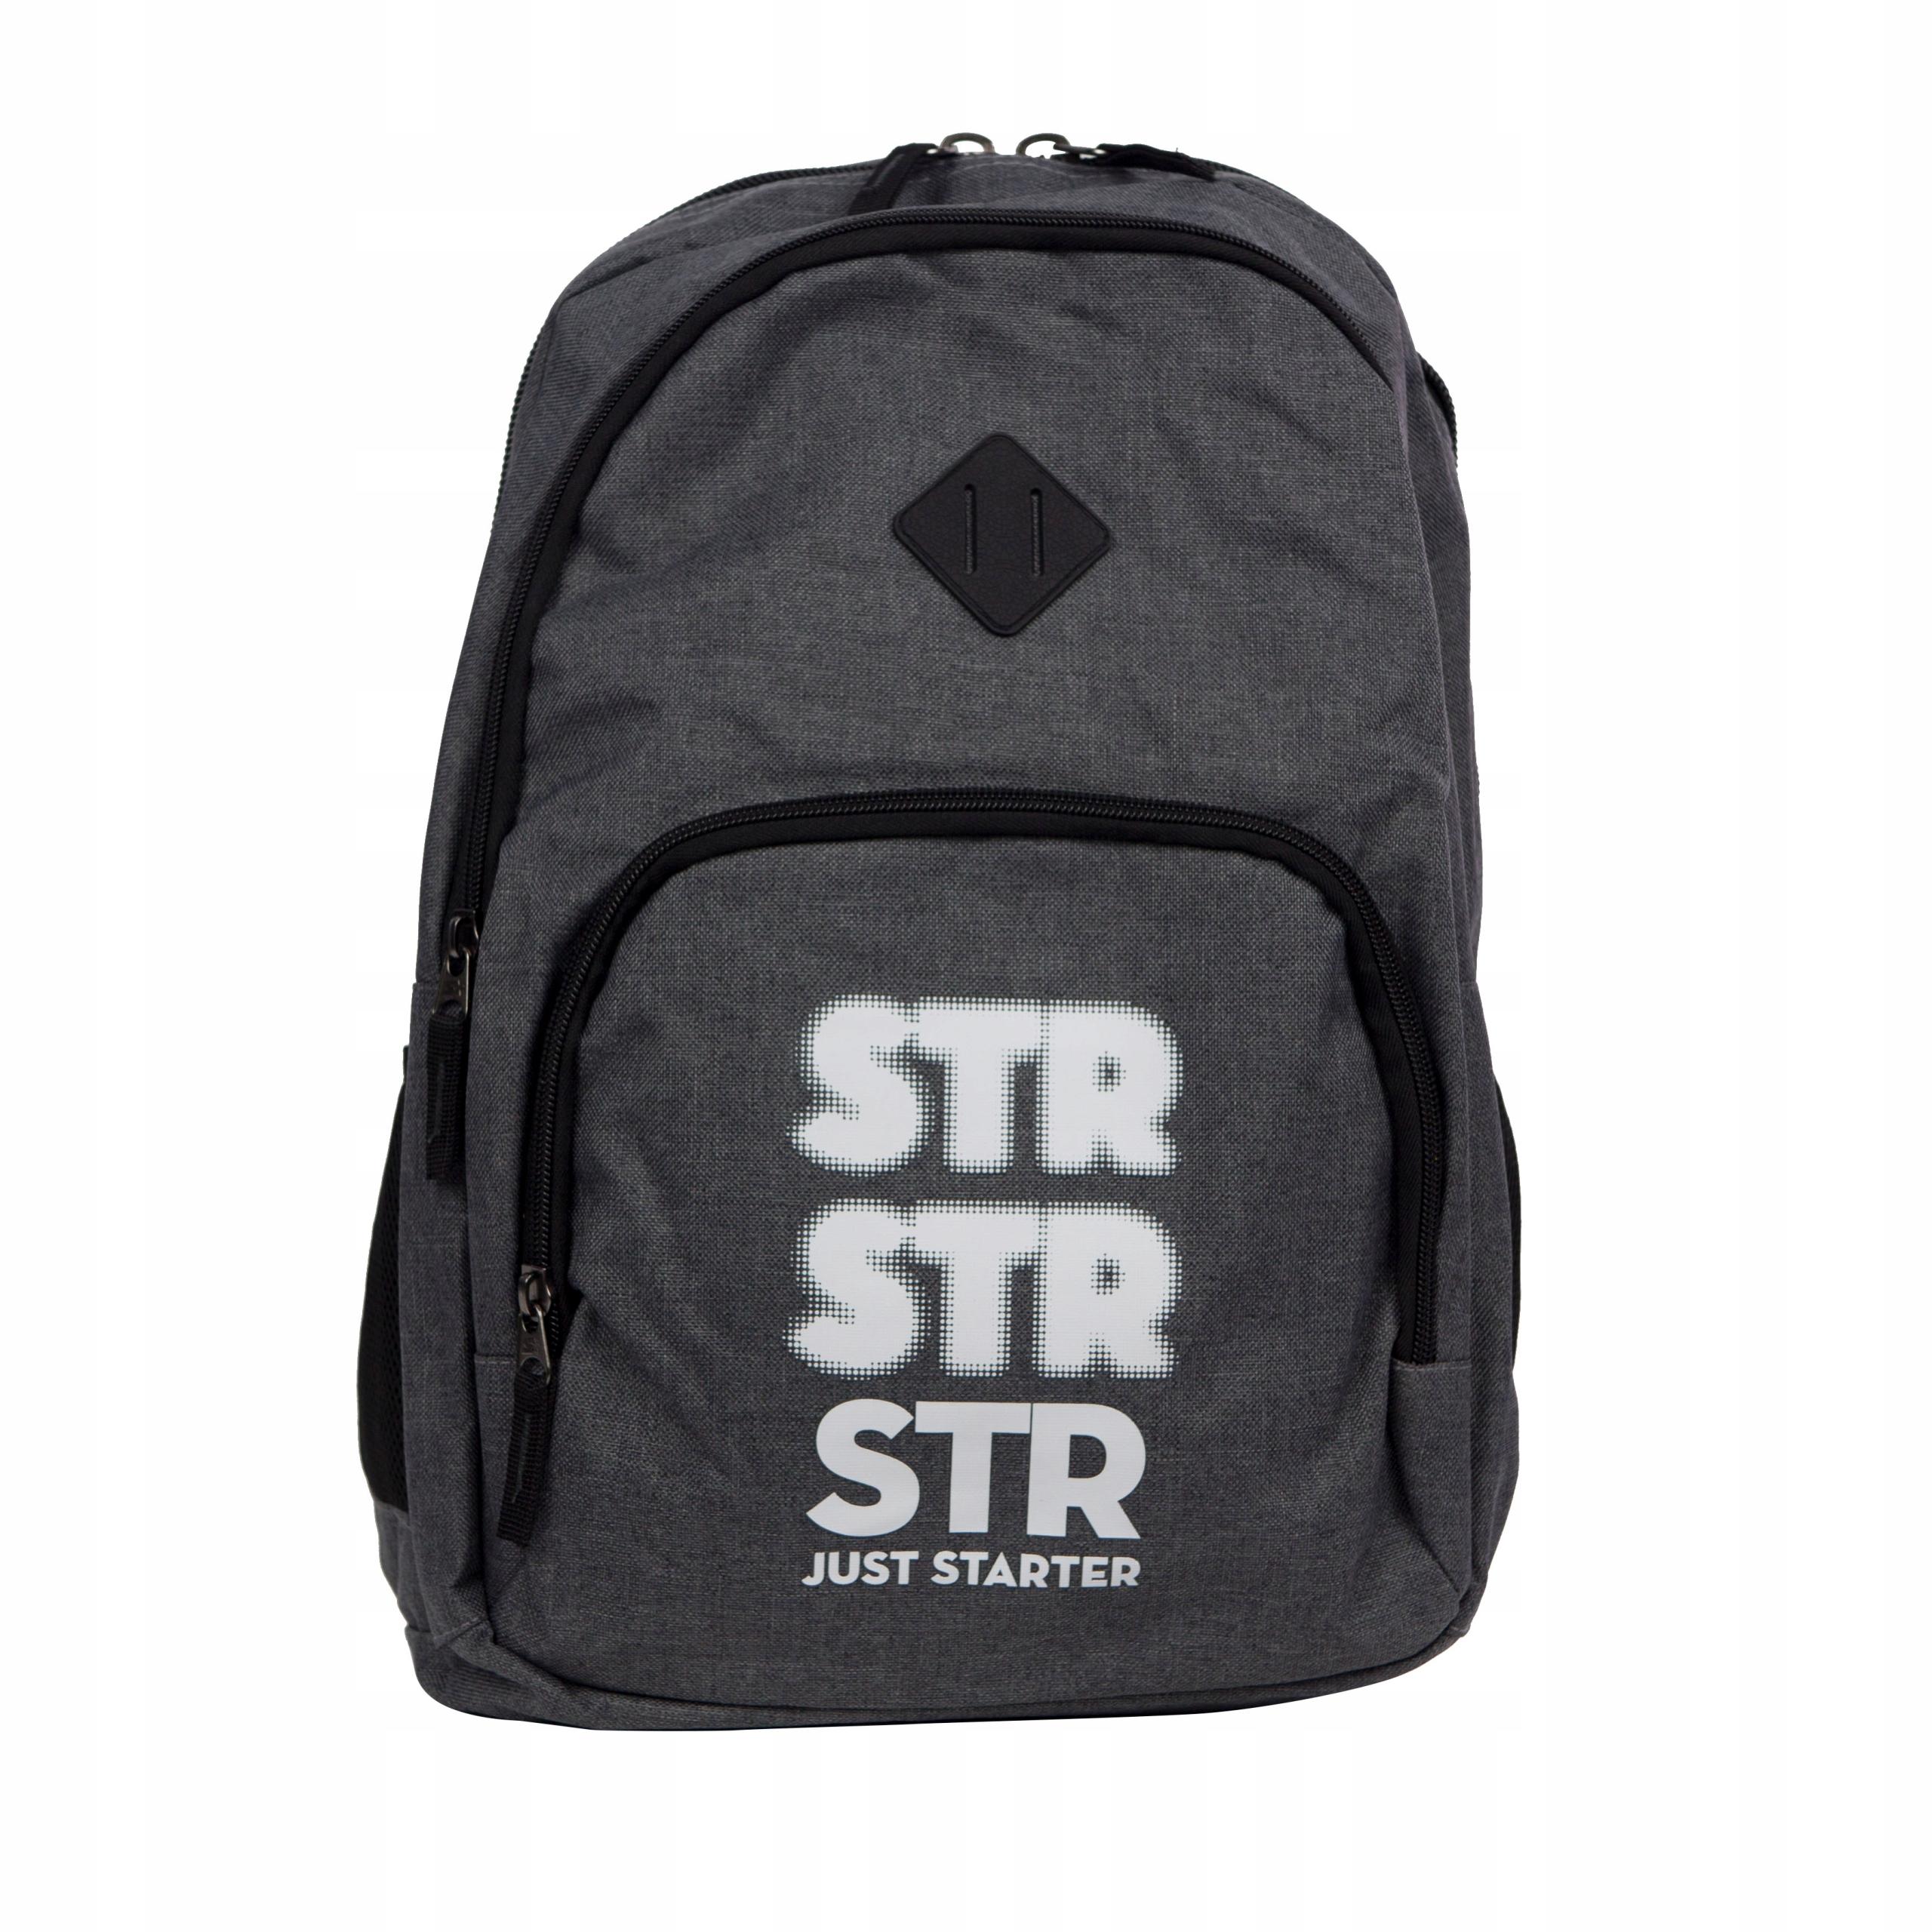 cd9d4543775f Starter plecak szkolny melanż port USB 0081 7446334581 - Allegro.pl